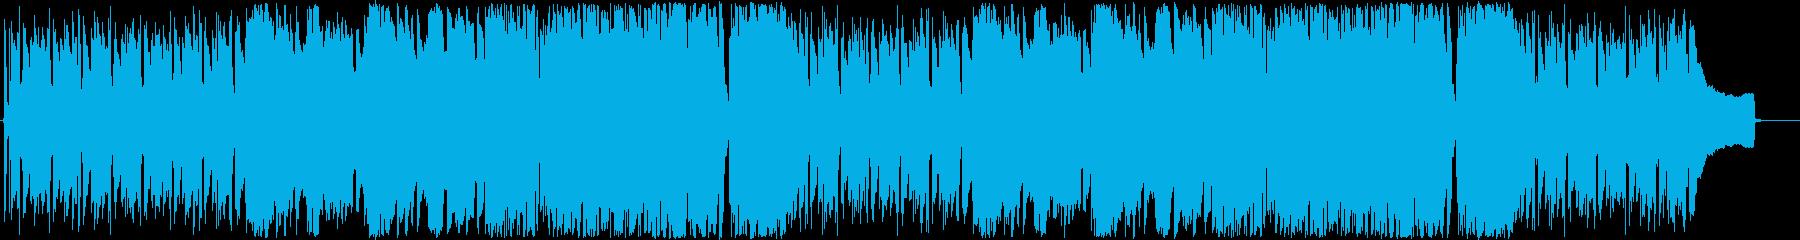 ピアノ&フルートが主体のポジティブBGMの再生済みの波形